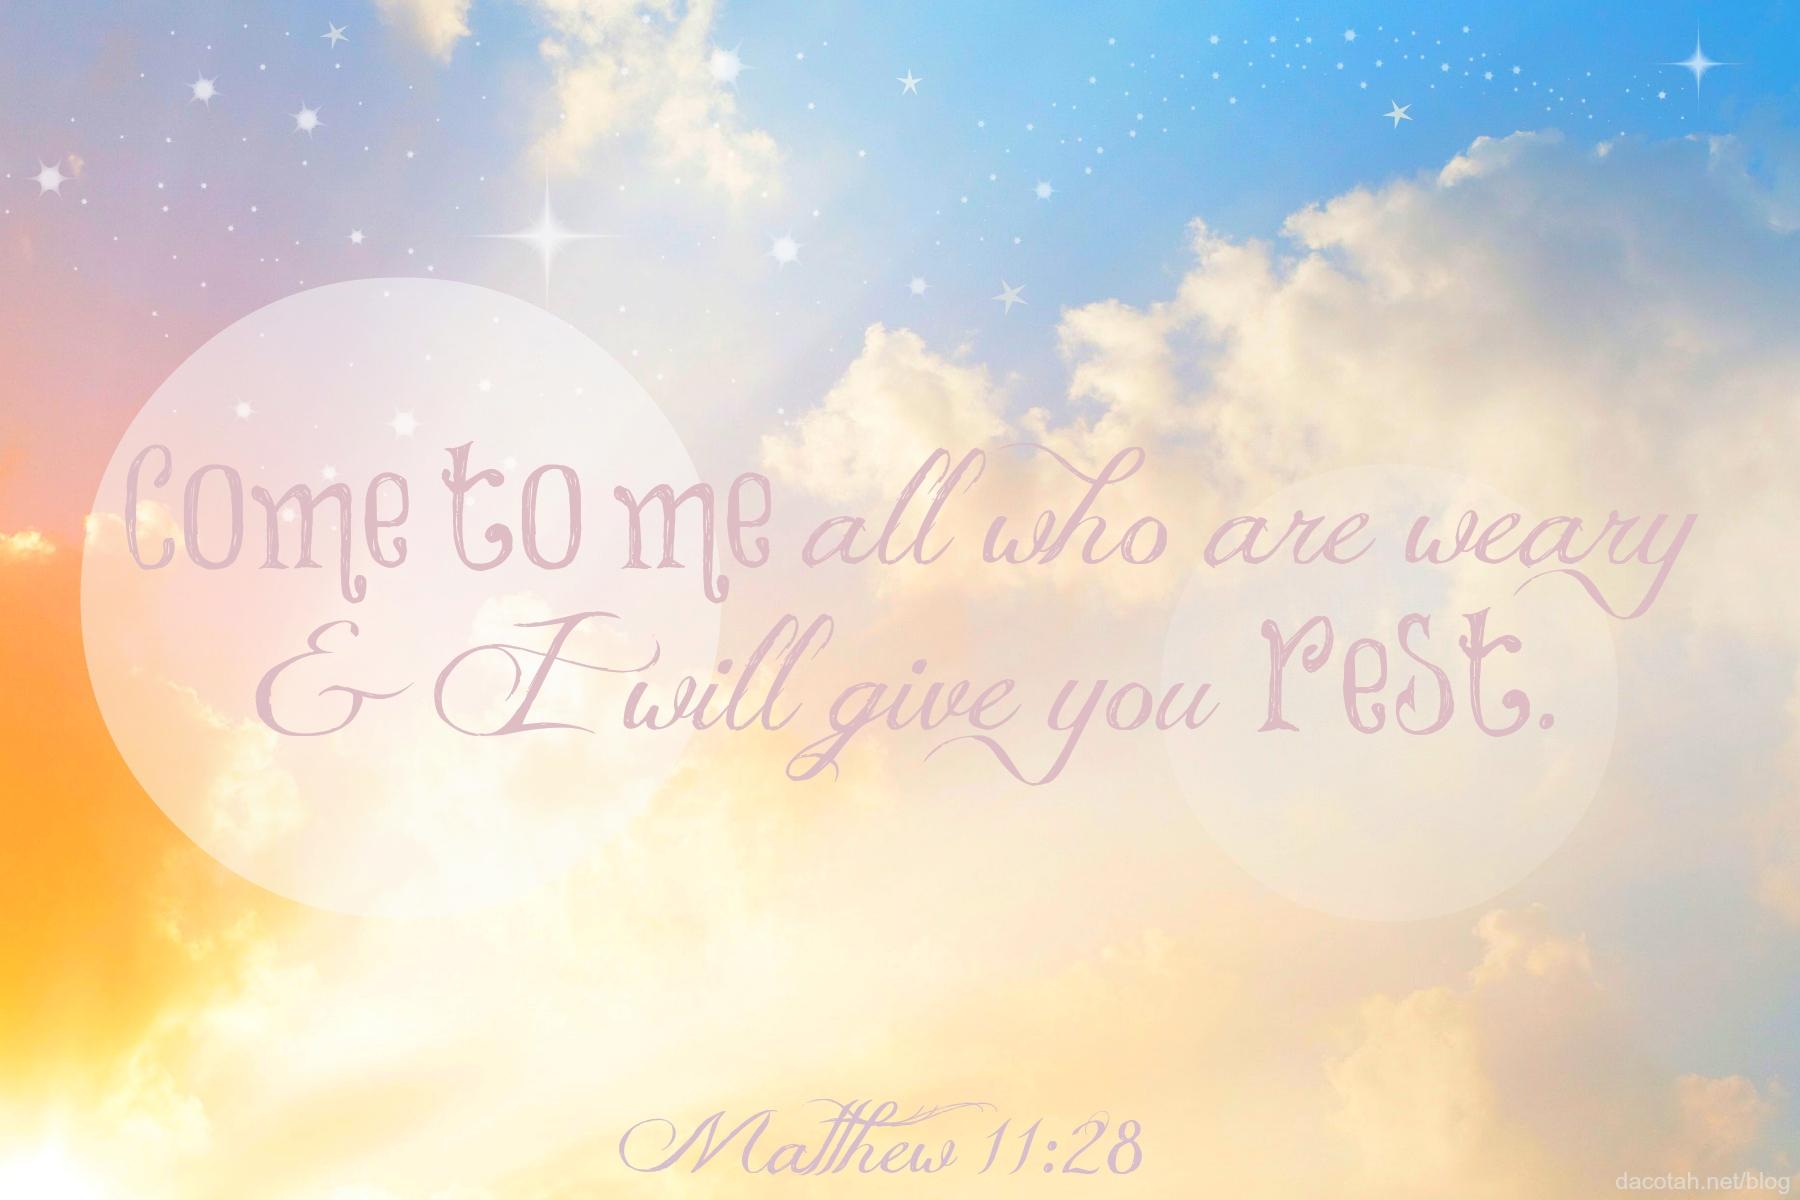 D2DL-Matthew11:28